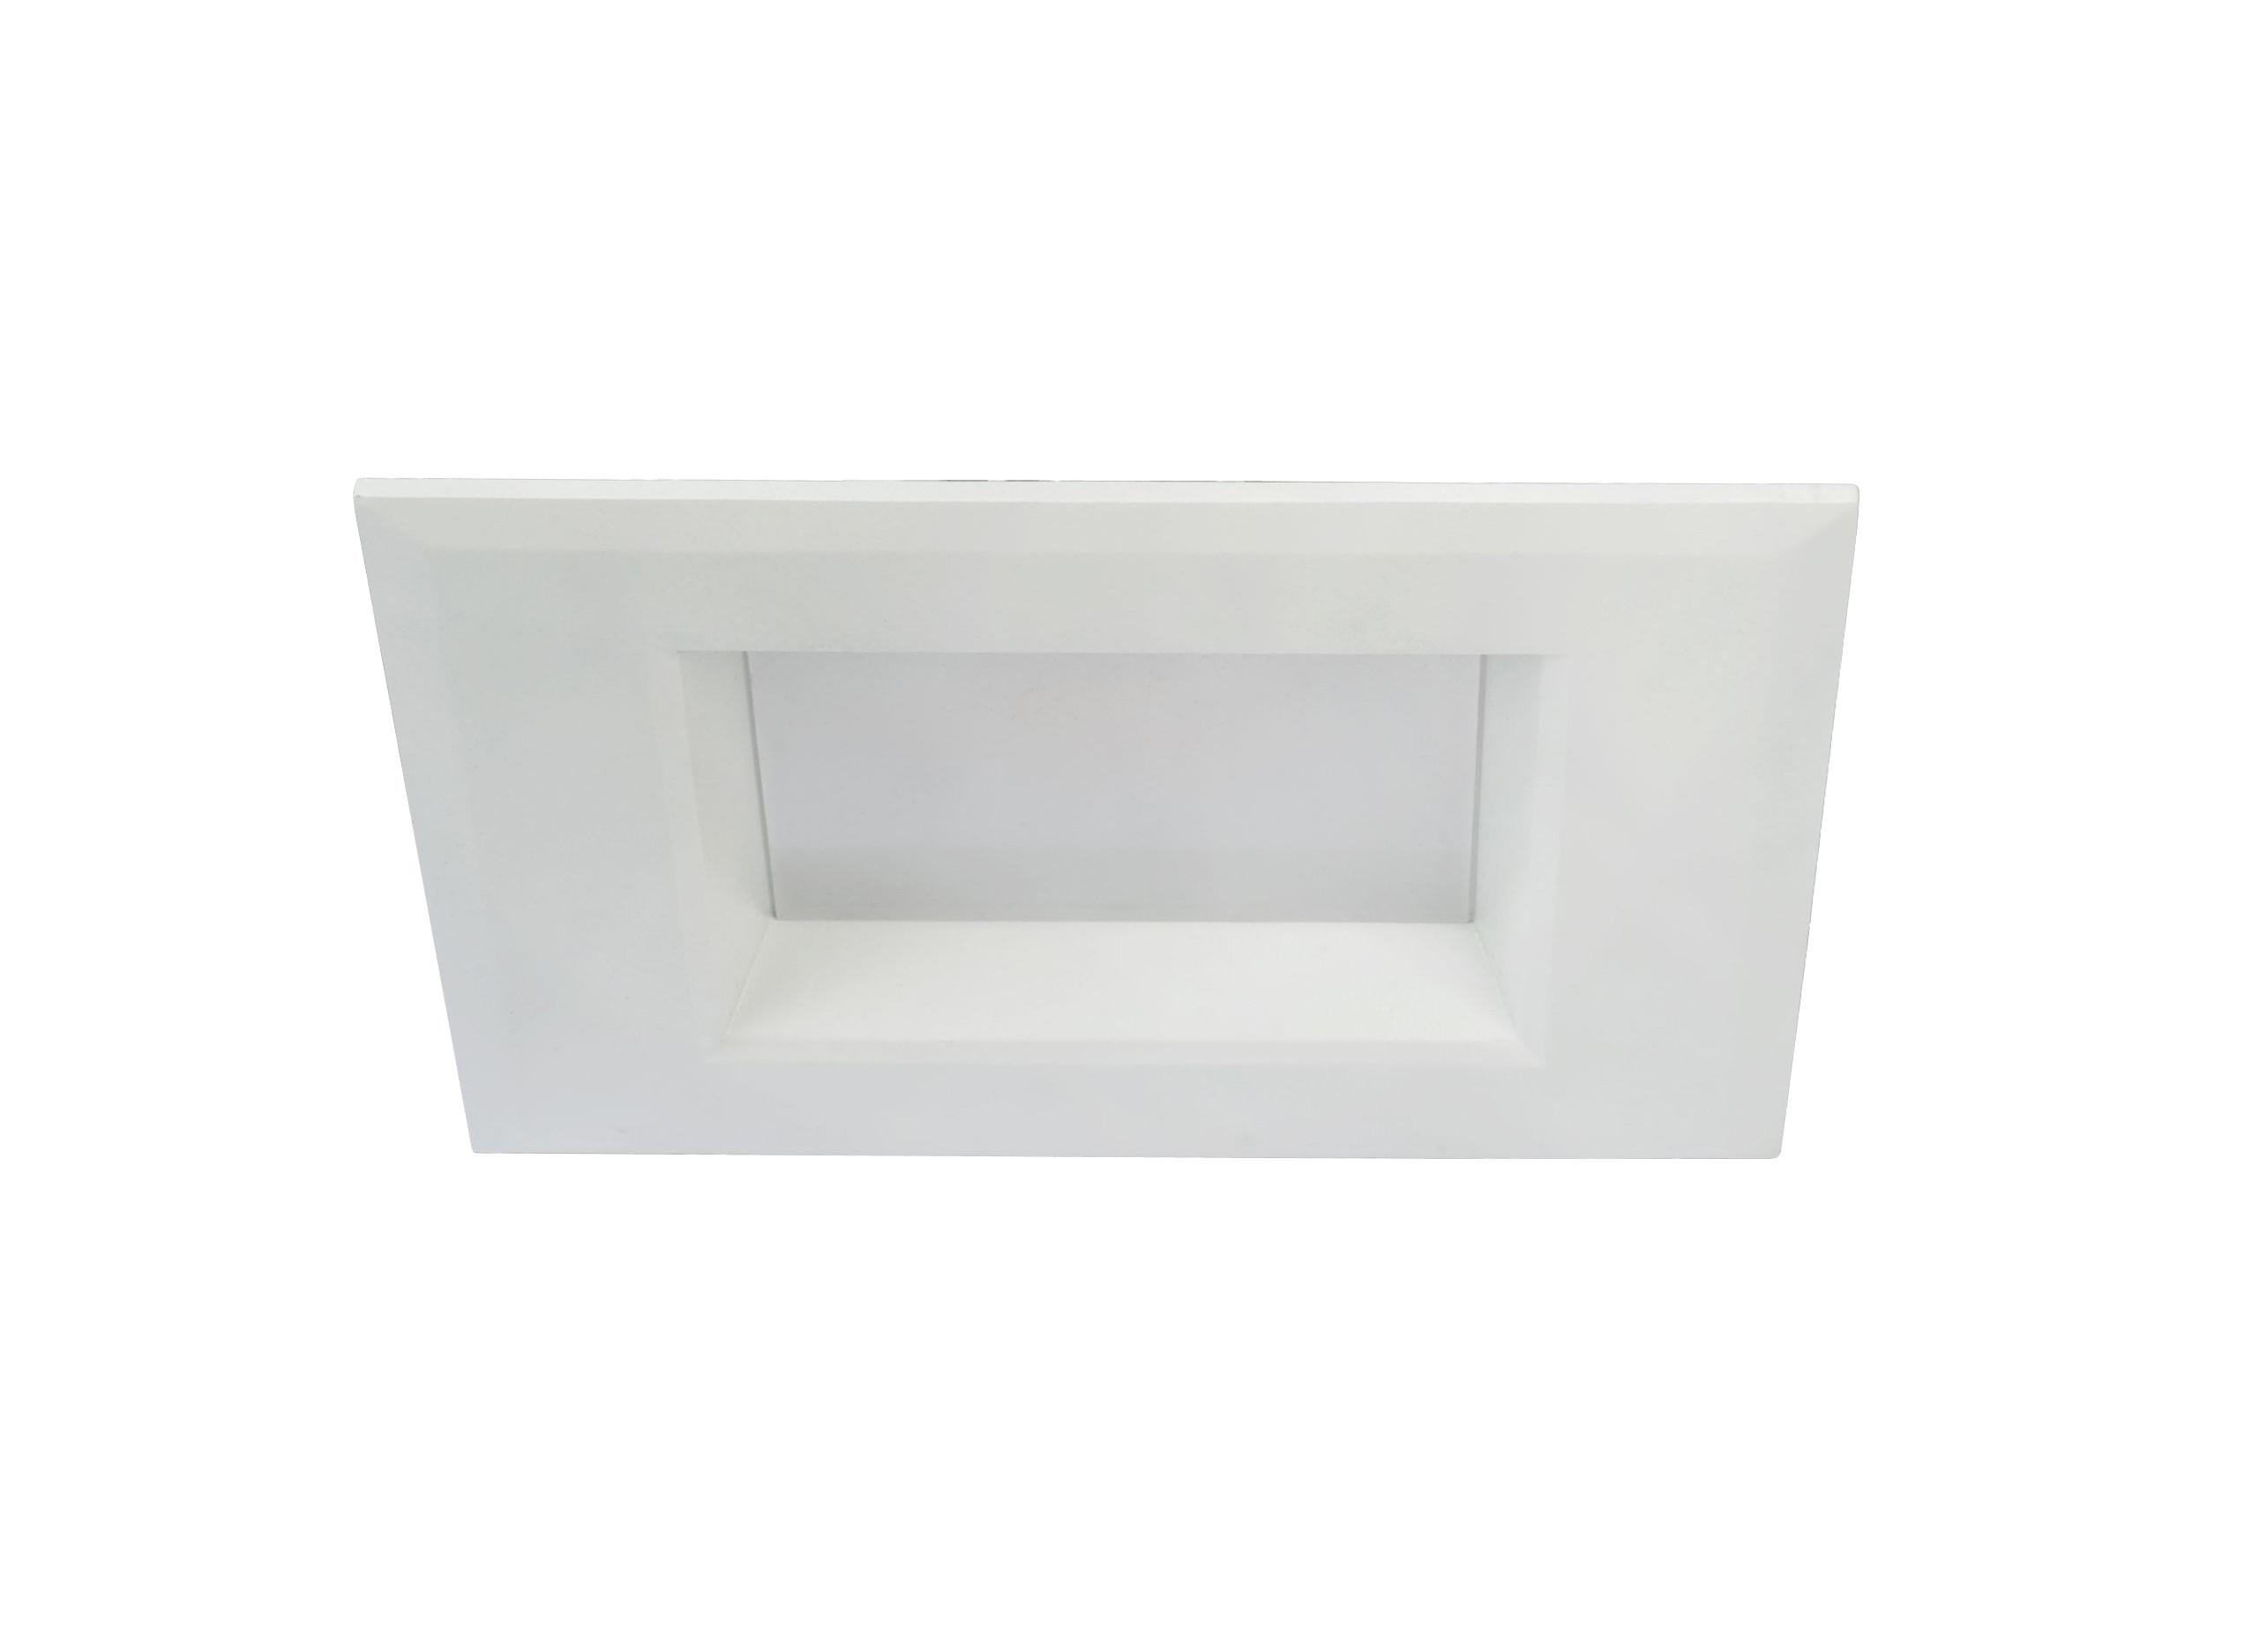 liton lrebldq5602 5 6 square led 1100lm